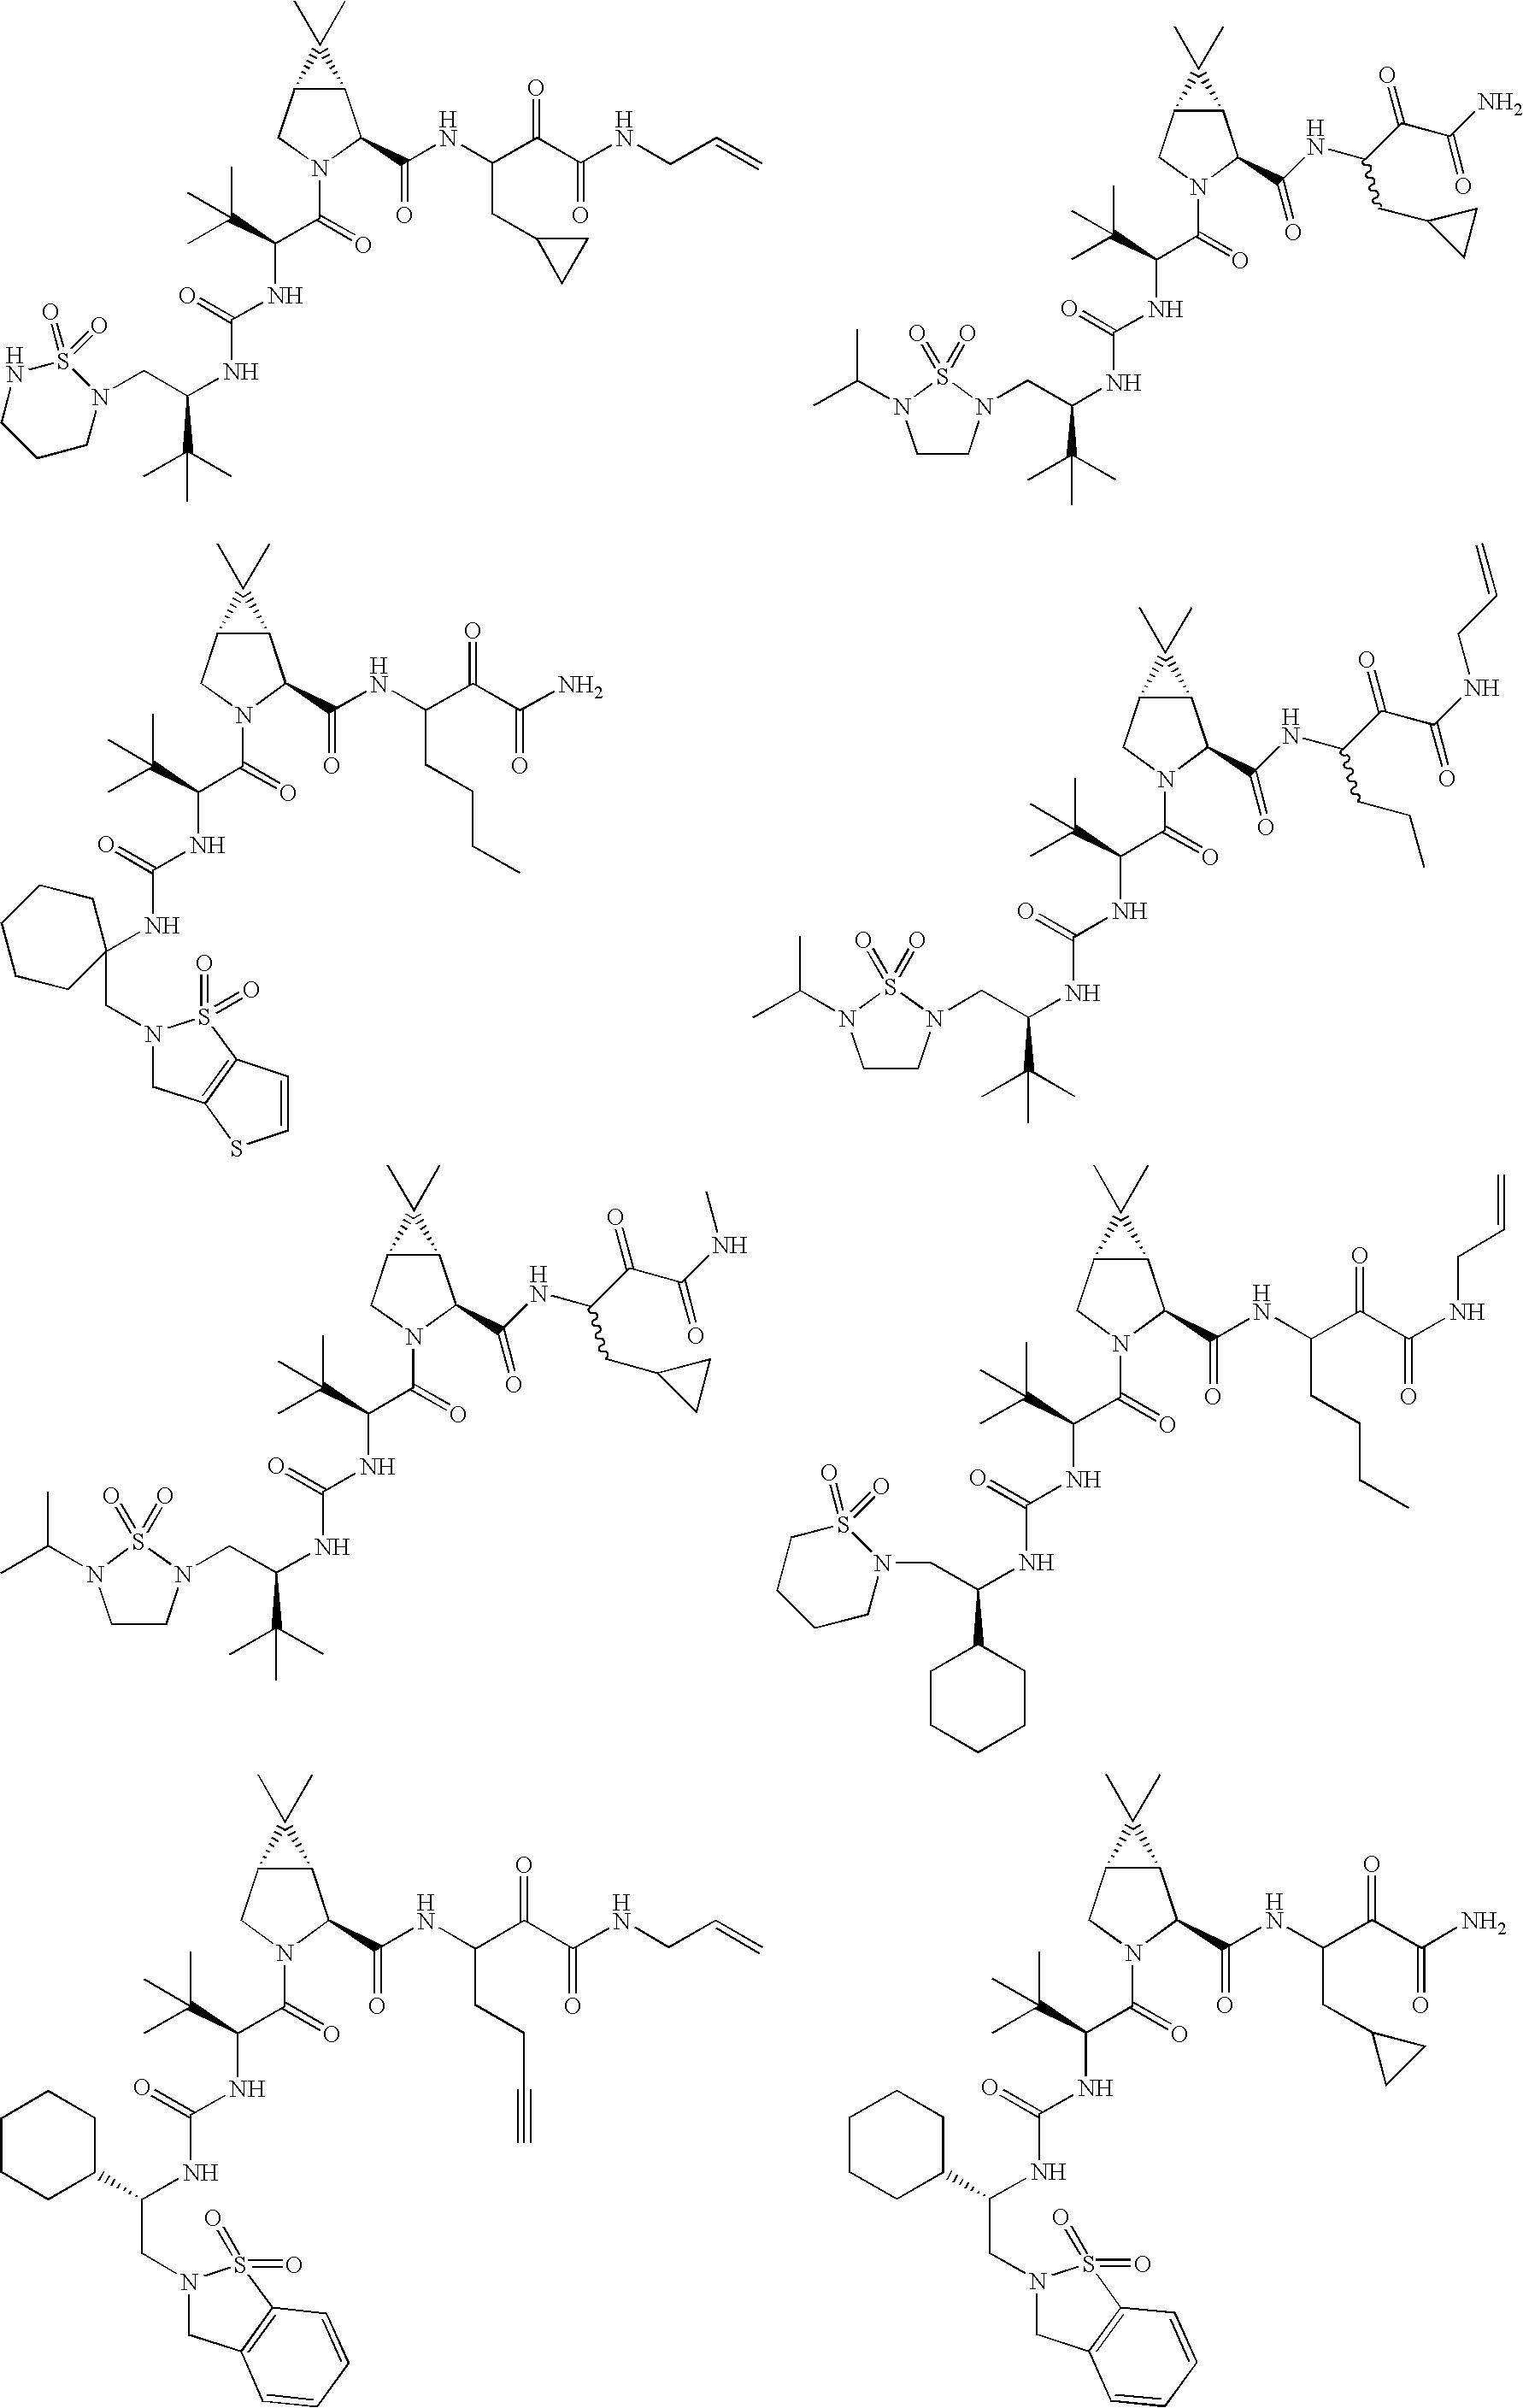 Figure US20060287248A1-20061221-C00399